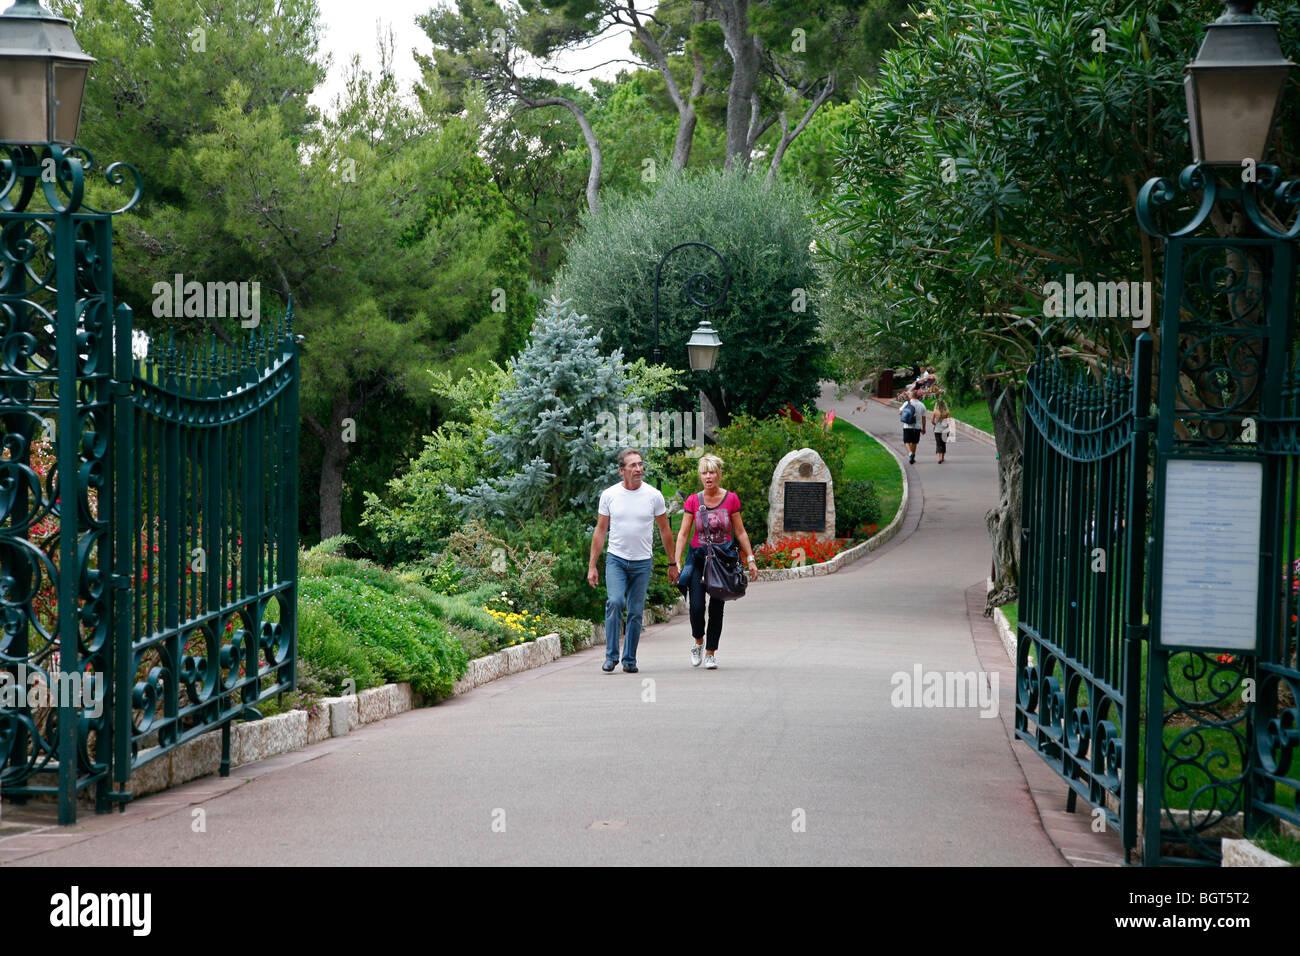 Saint Martin Gardens, Monaco Ville, Monaco. - Stock Image